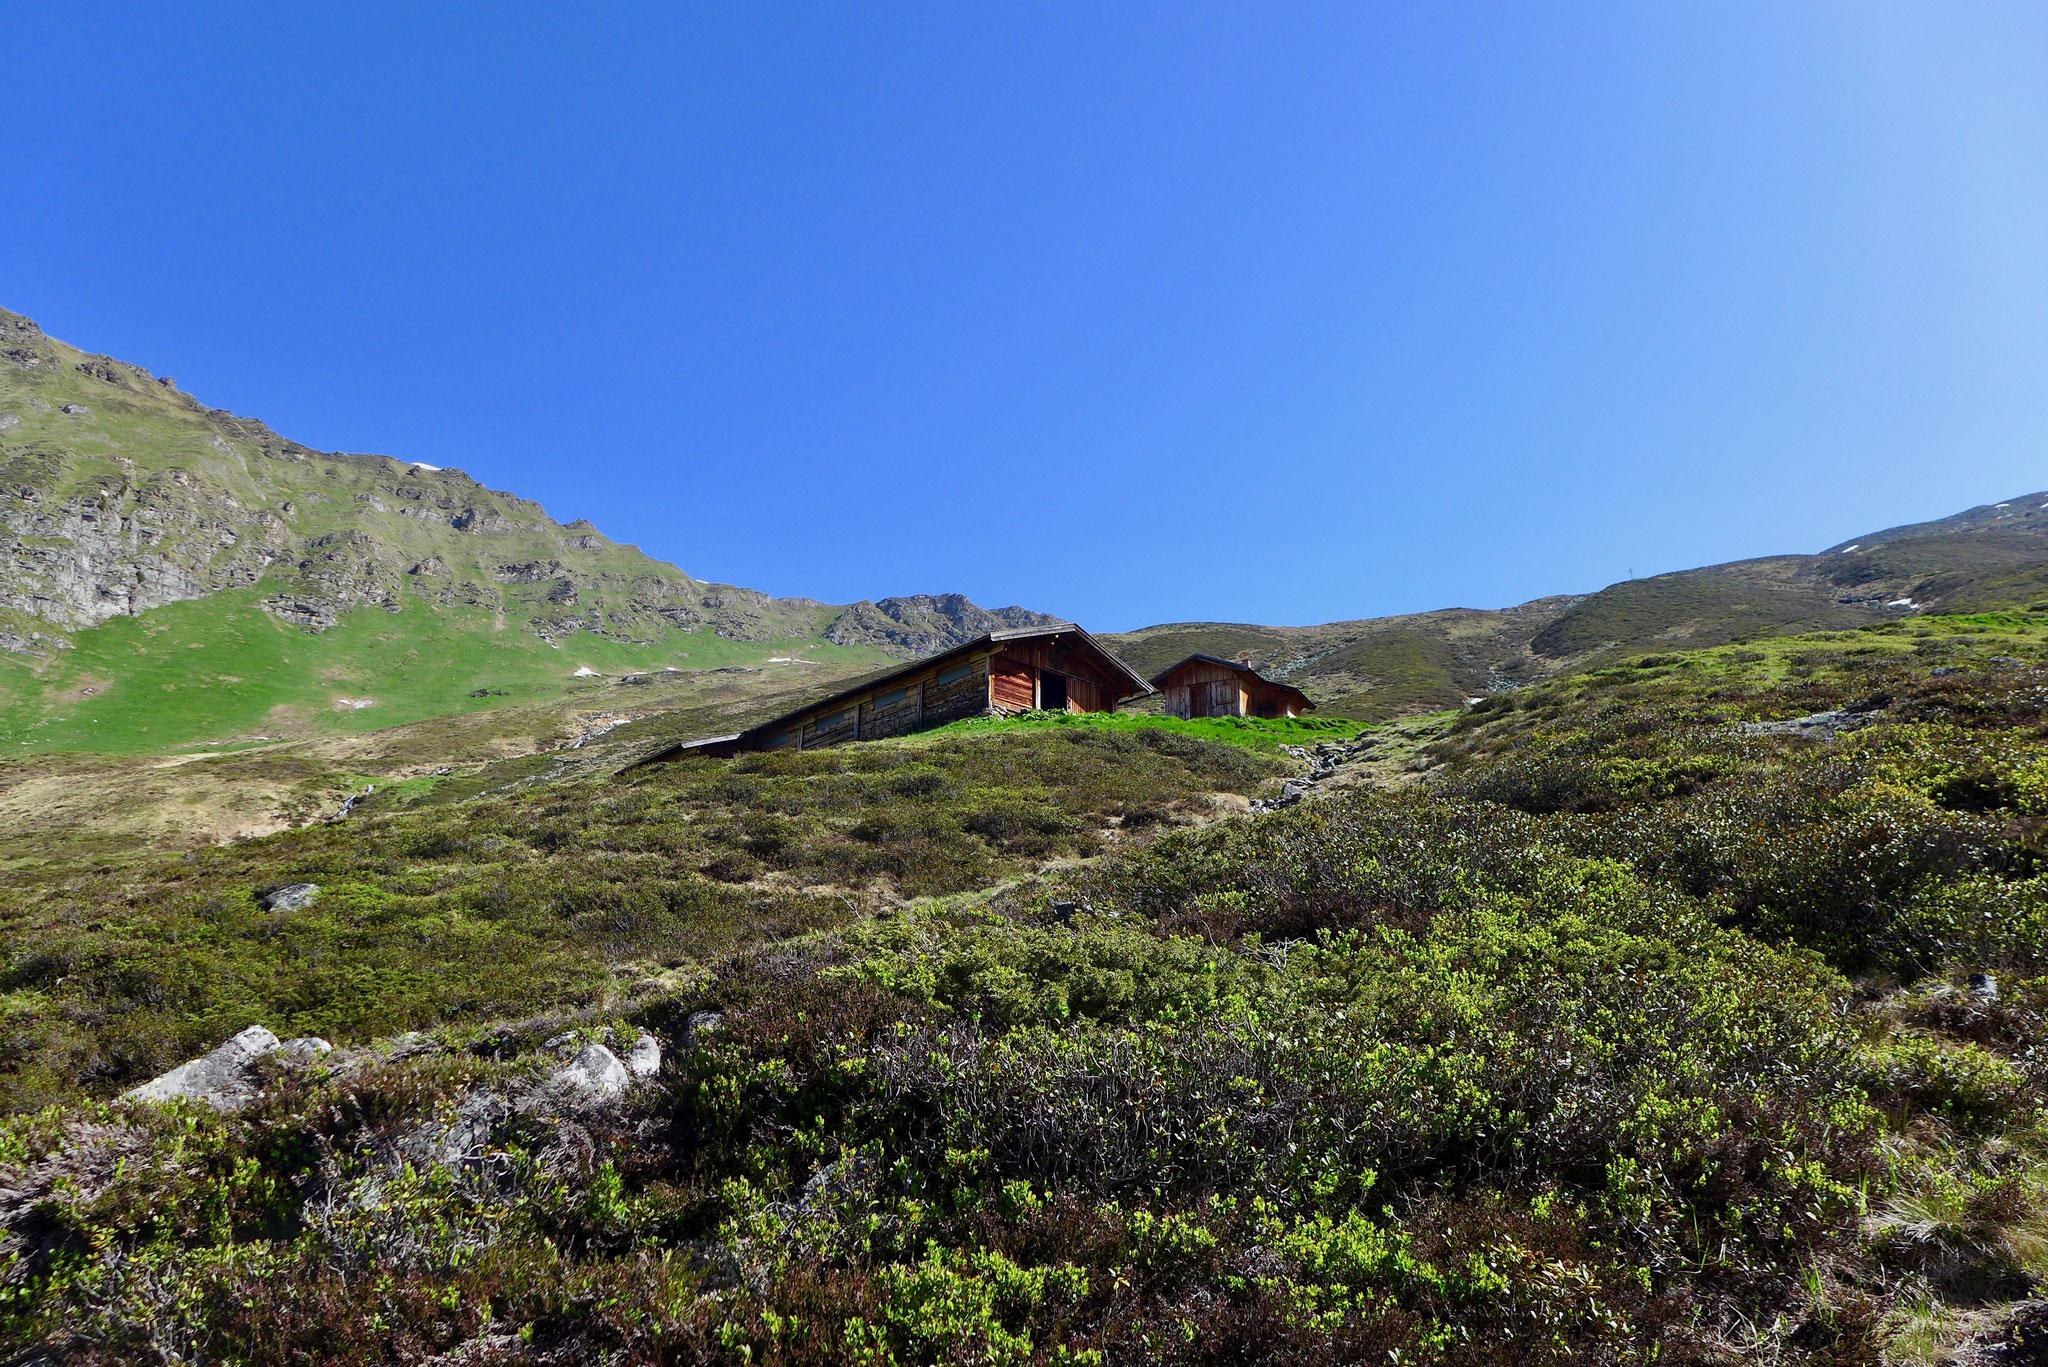 Vorbei an einer Hochalm ging es weiter Richtung Hütte.